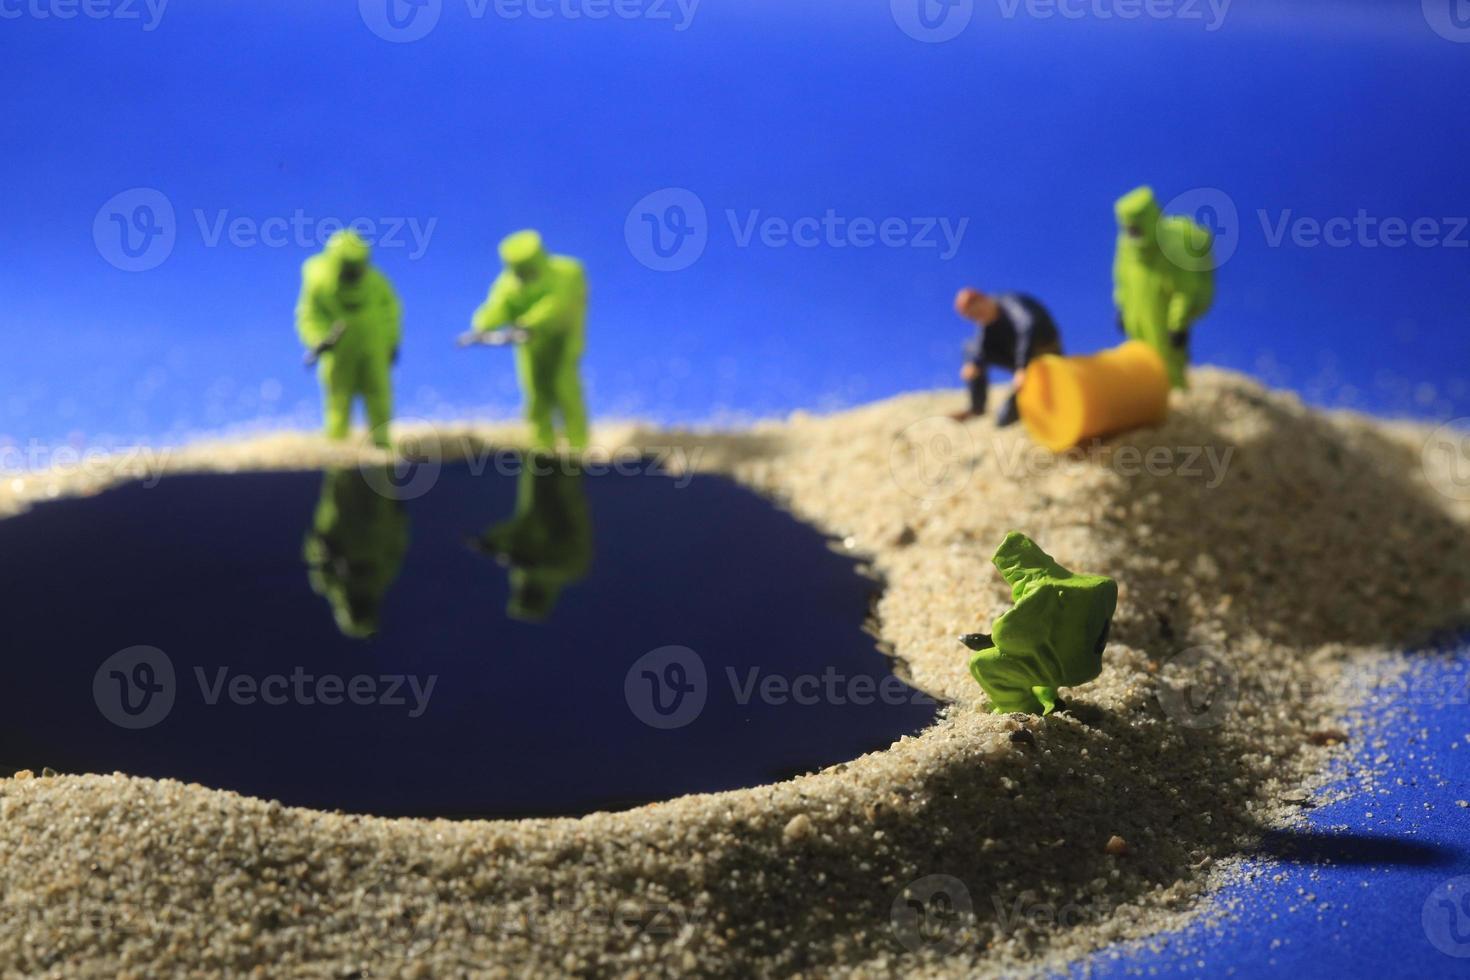 små miniatyrskalade människor i nyfikna koncept foto